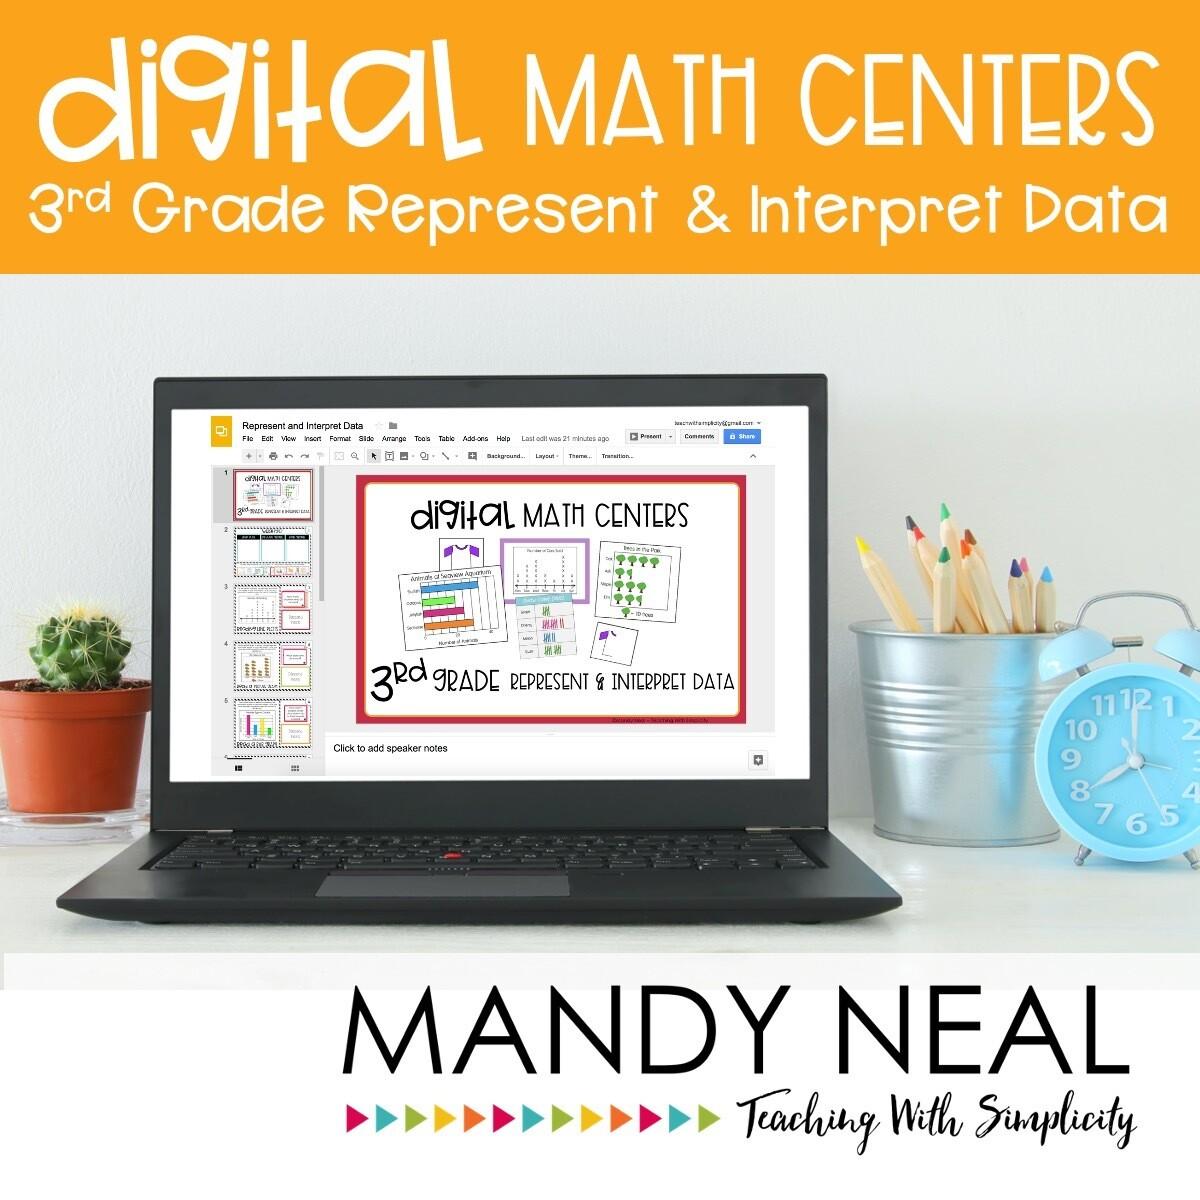 Third Grade Digital Math Centers Represent & Interpret Data